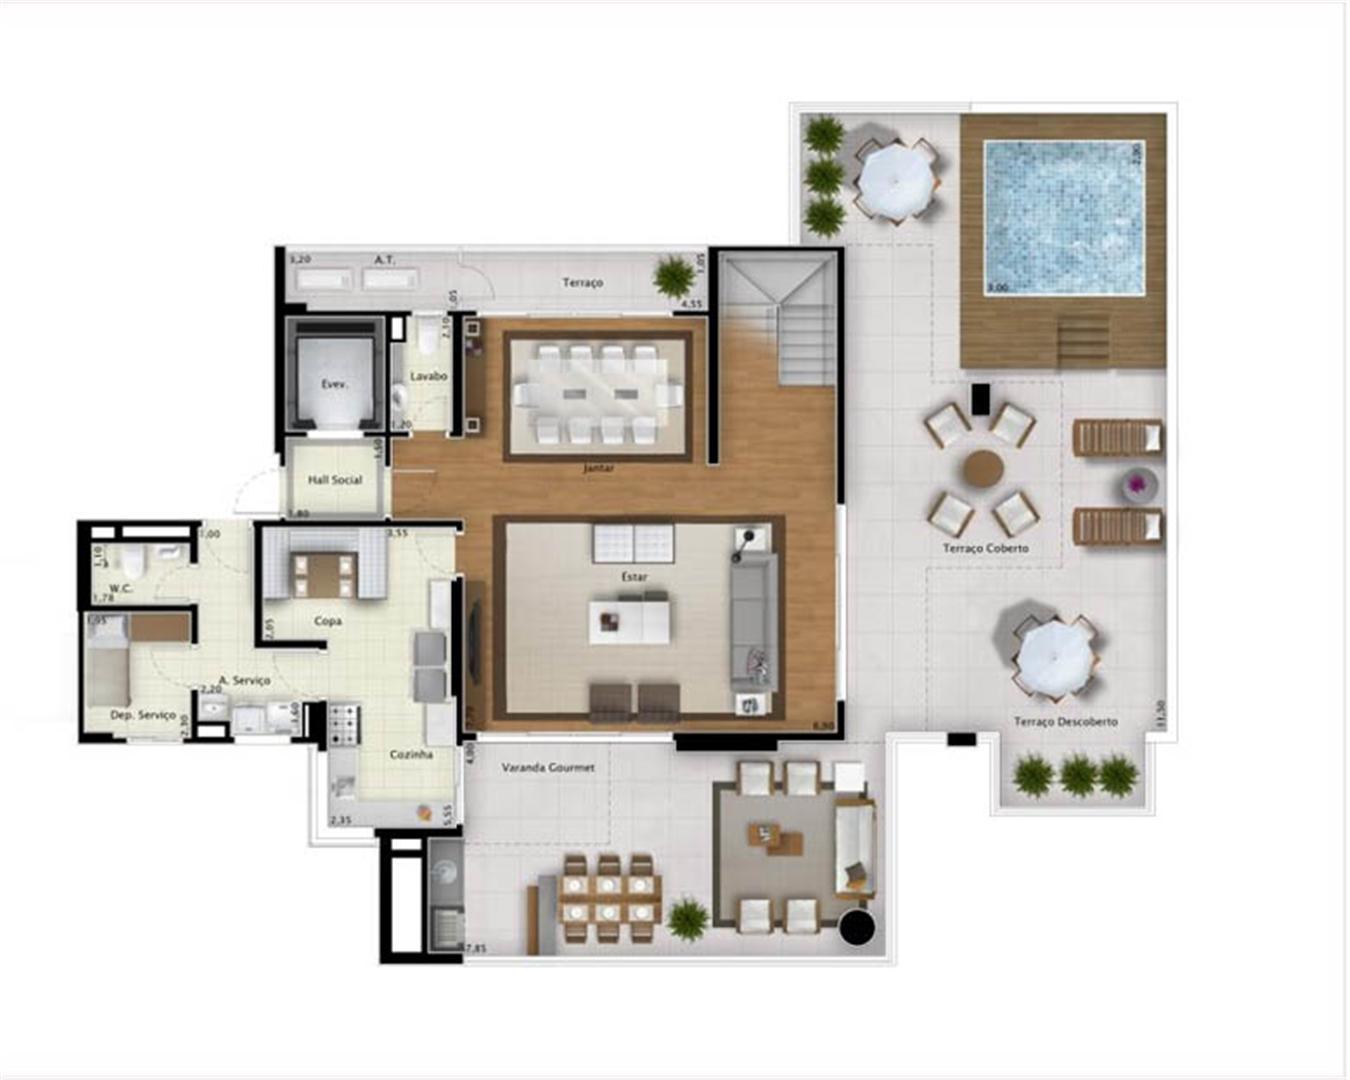 Cobertura Sky View 351 m² (pavimento inferior) | Mirage Bay – Apartamento em  Umarizal  - Belém - Pará